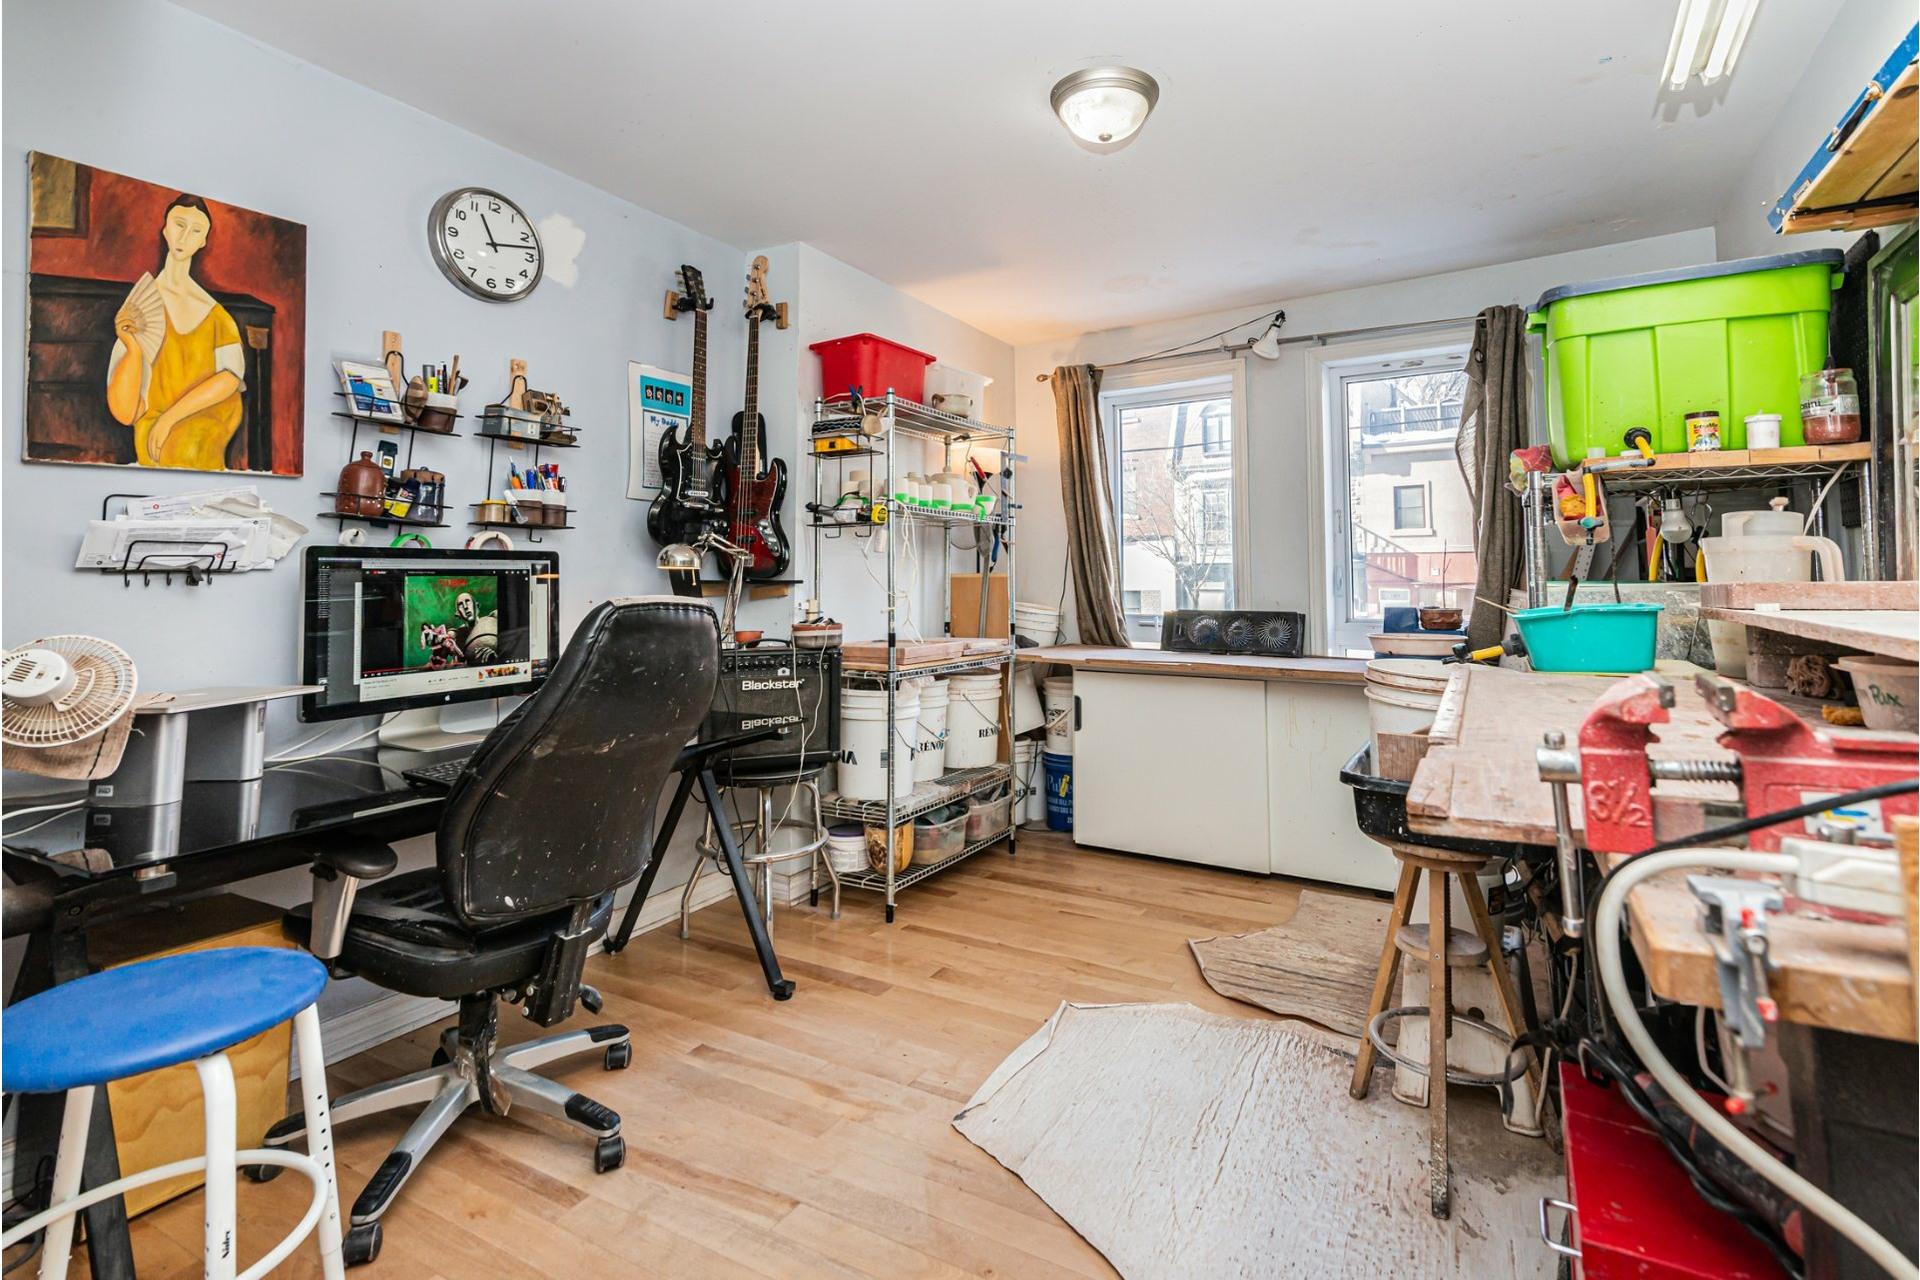 image 26 - Appartement À vendre Le Sud-Ouest Montréal  - 8 pièces